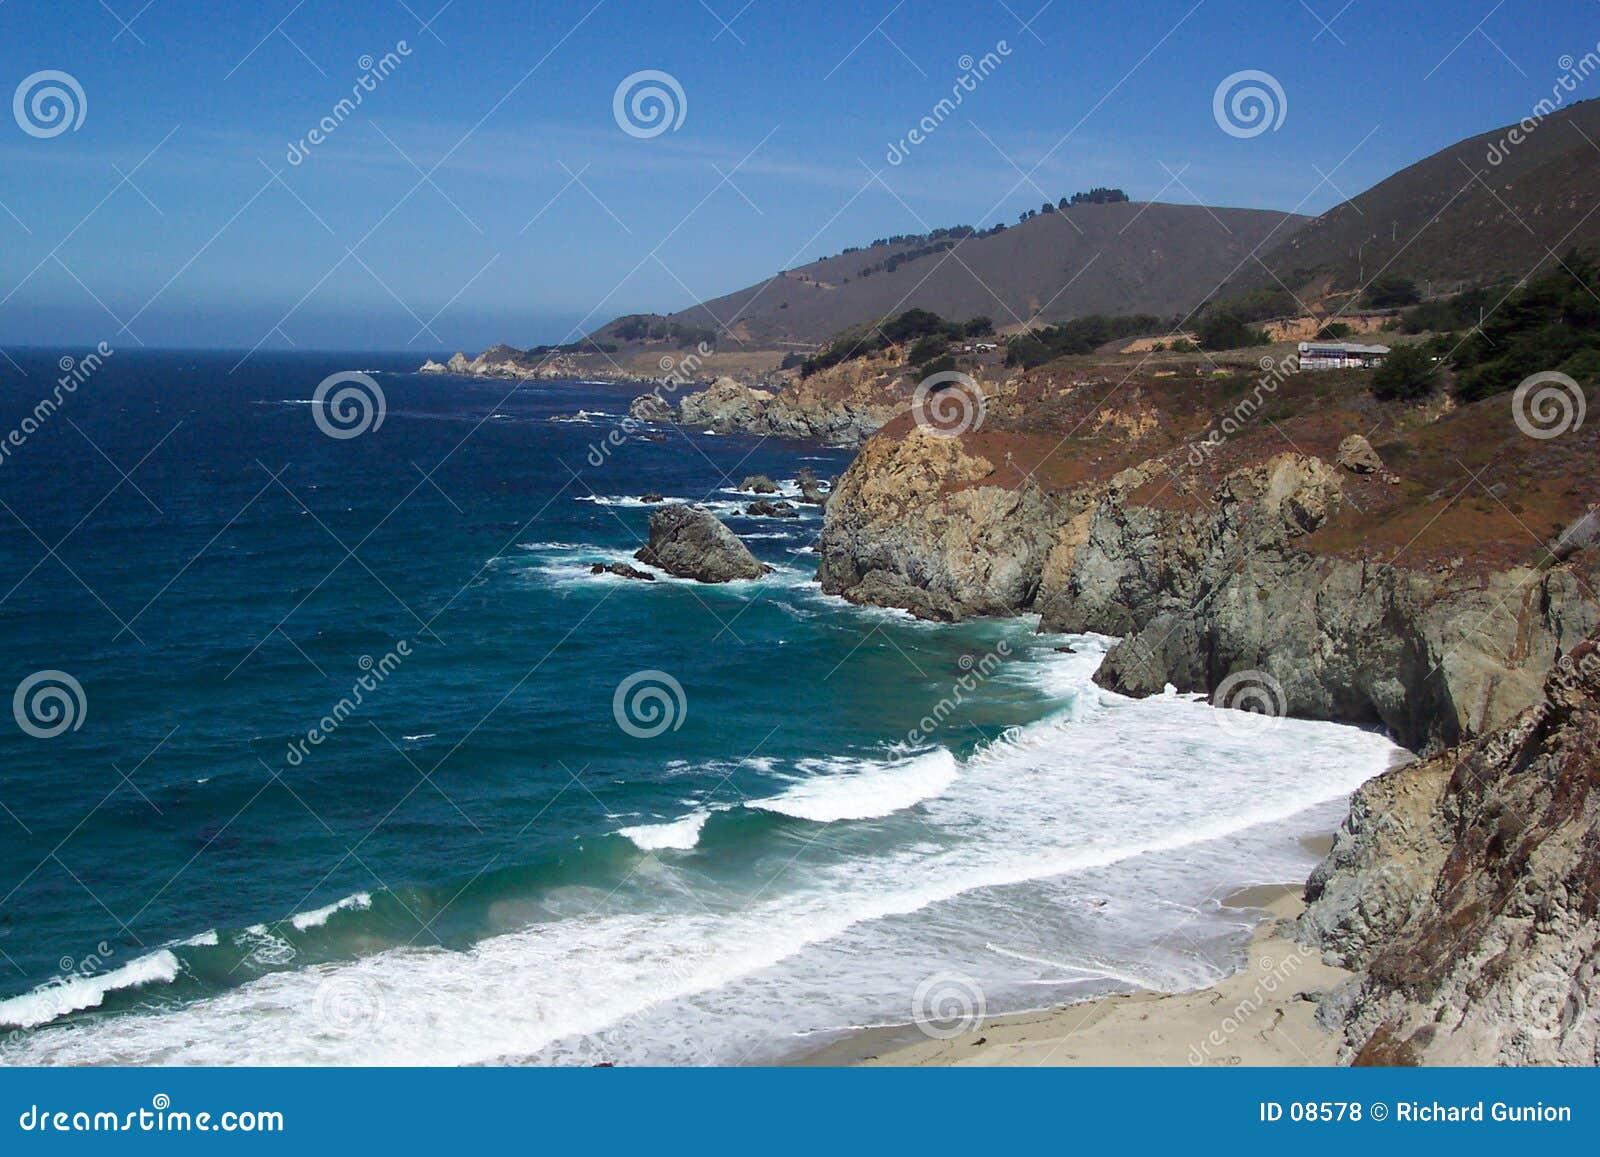 California Seashore